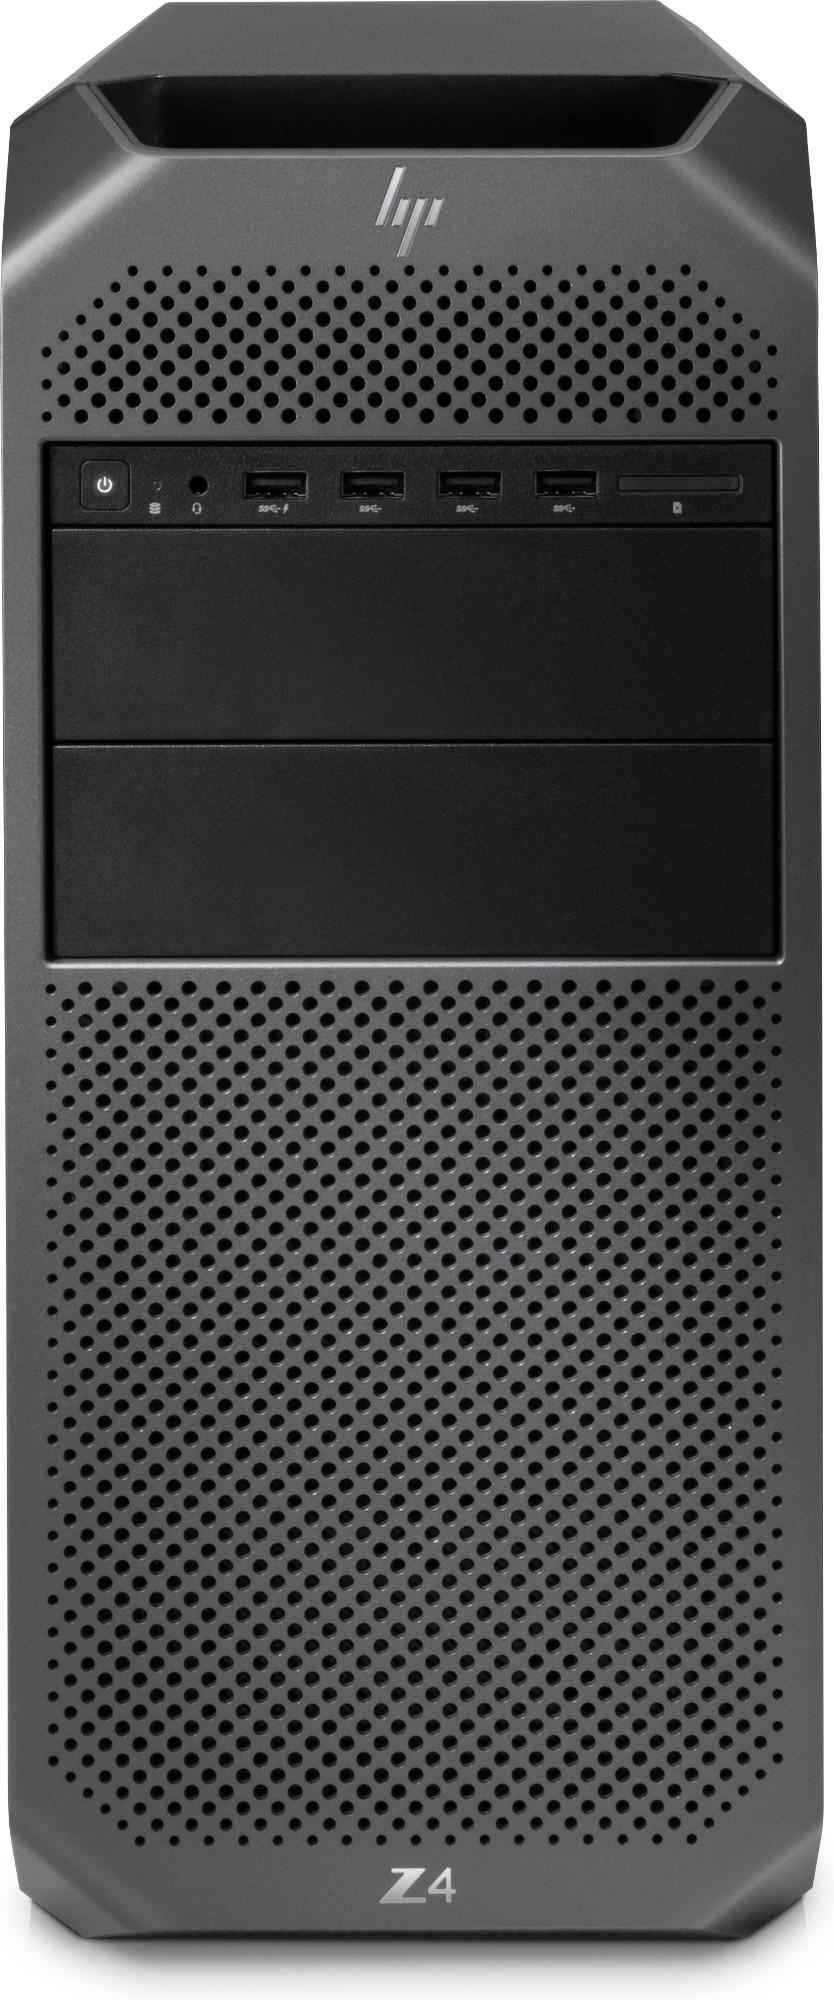 Workstation Z4 G4 MT - W2133 - 16GB RAM - 512GB SSD - Win10 Pro